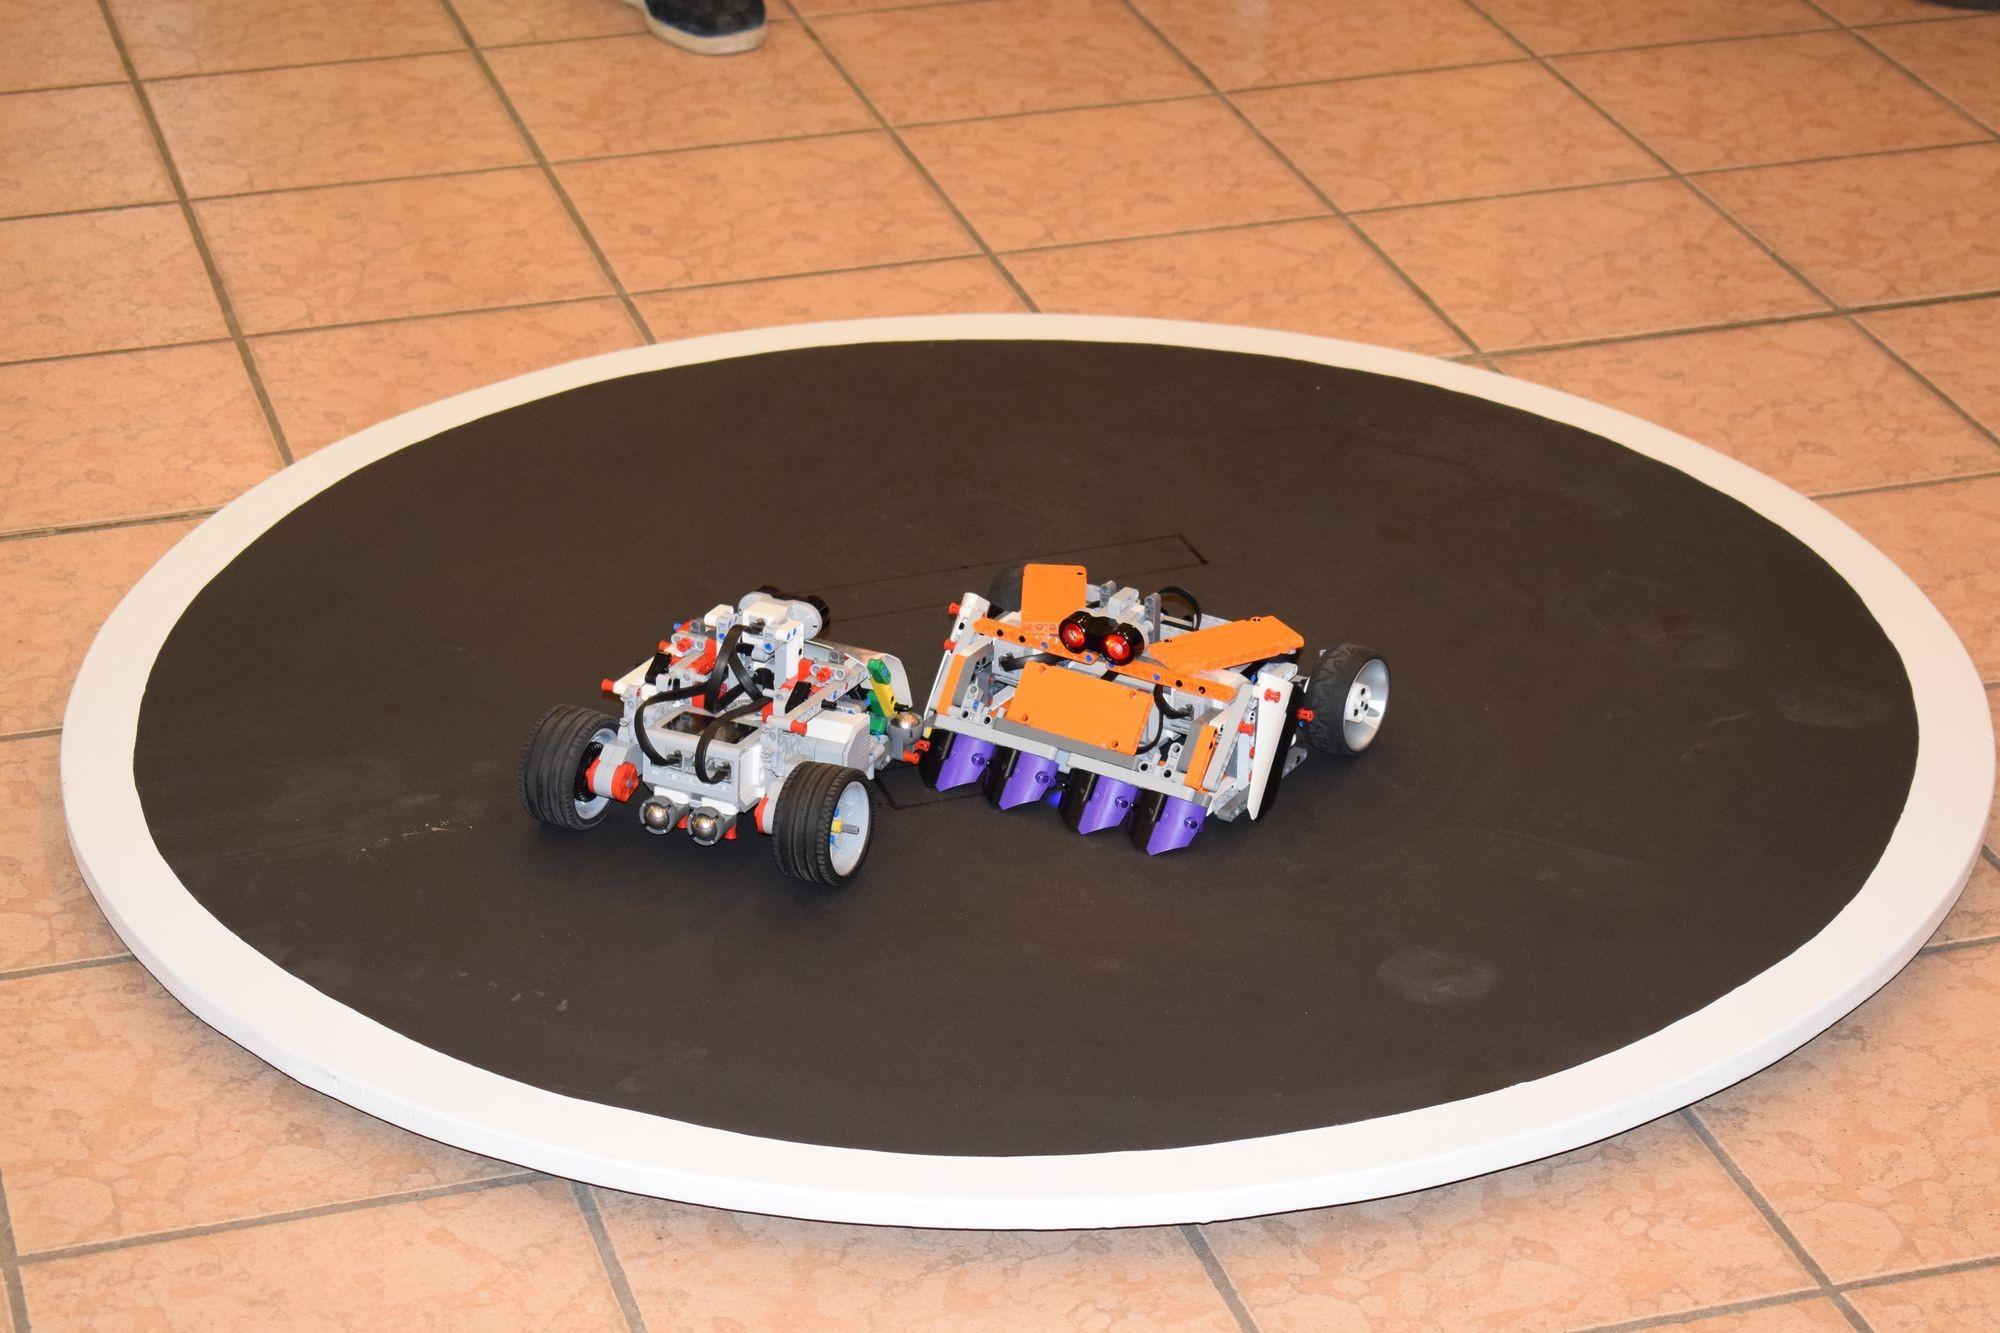 Robotépítő diákok nemzetközi találkozóját tartják Kecskeméten